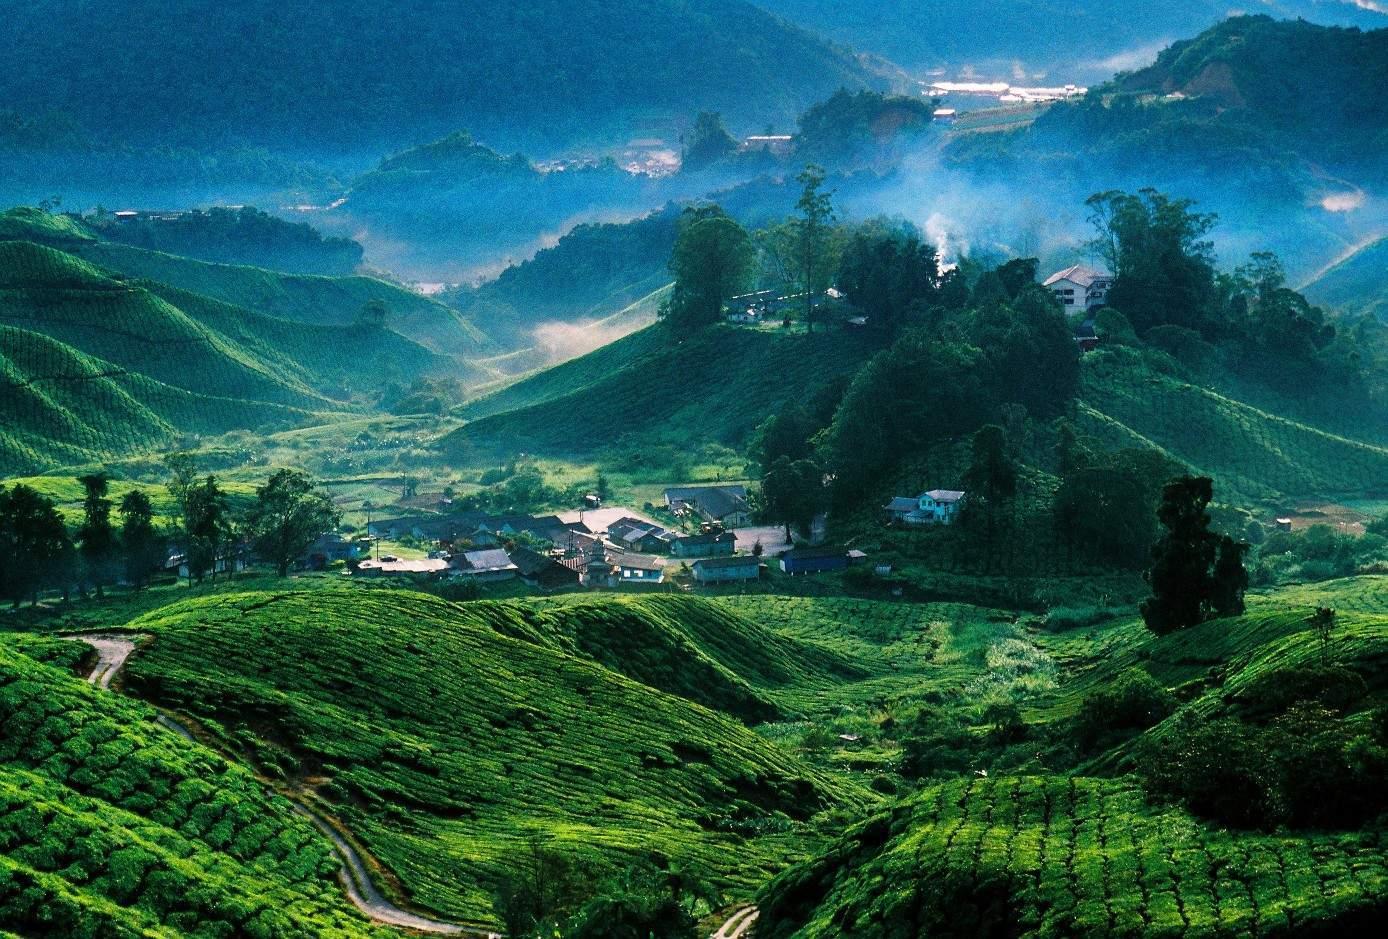 Malezya çay bahçeleri